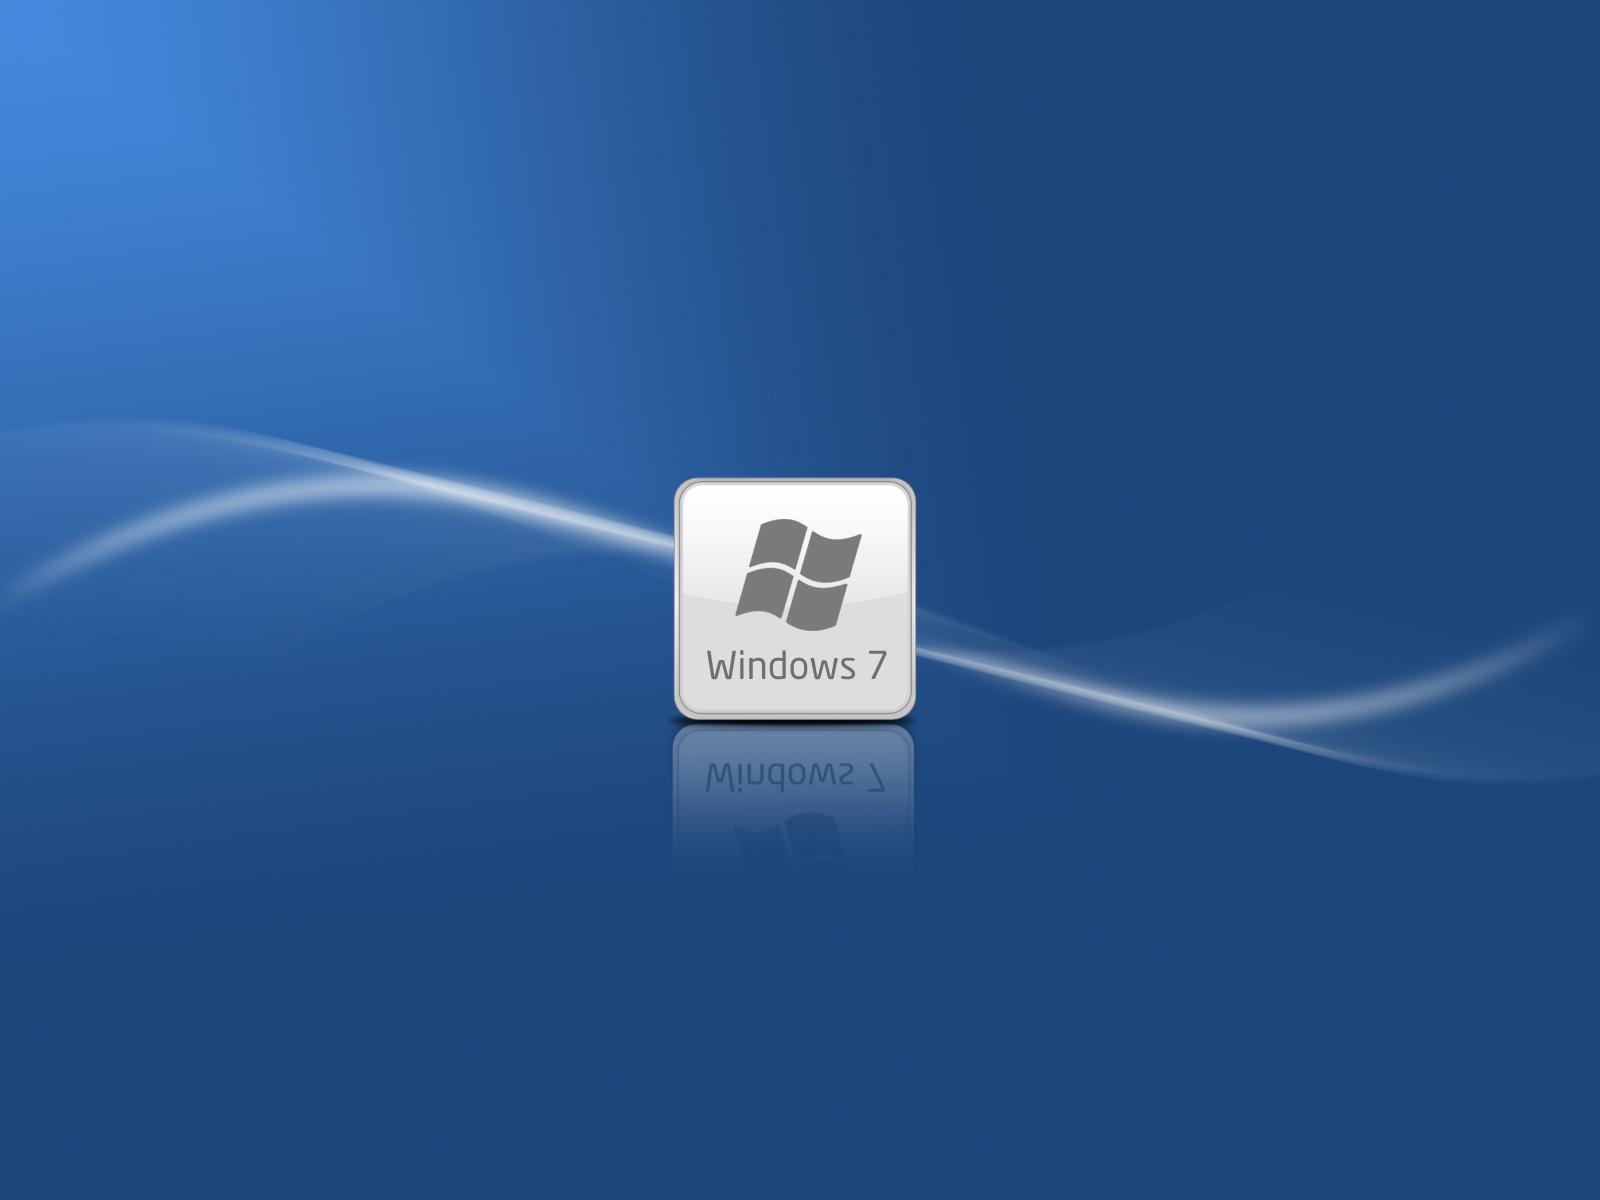 Windows 7 Starter Default Background Location 1600x1200